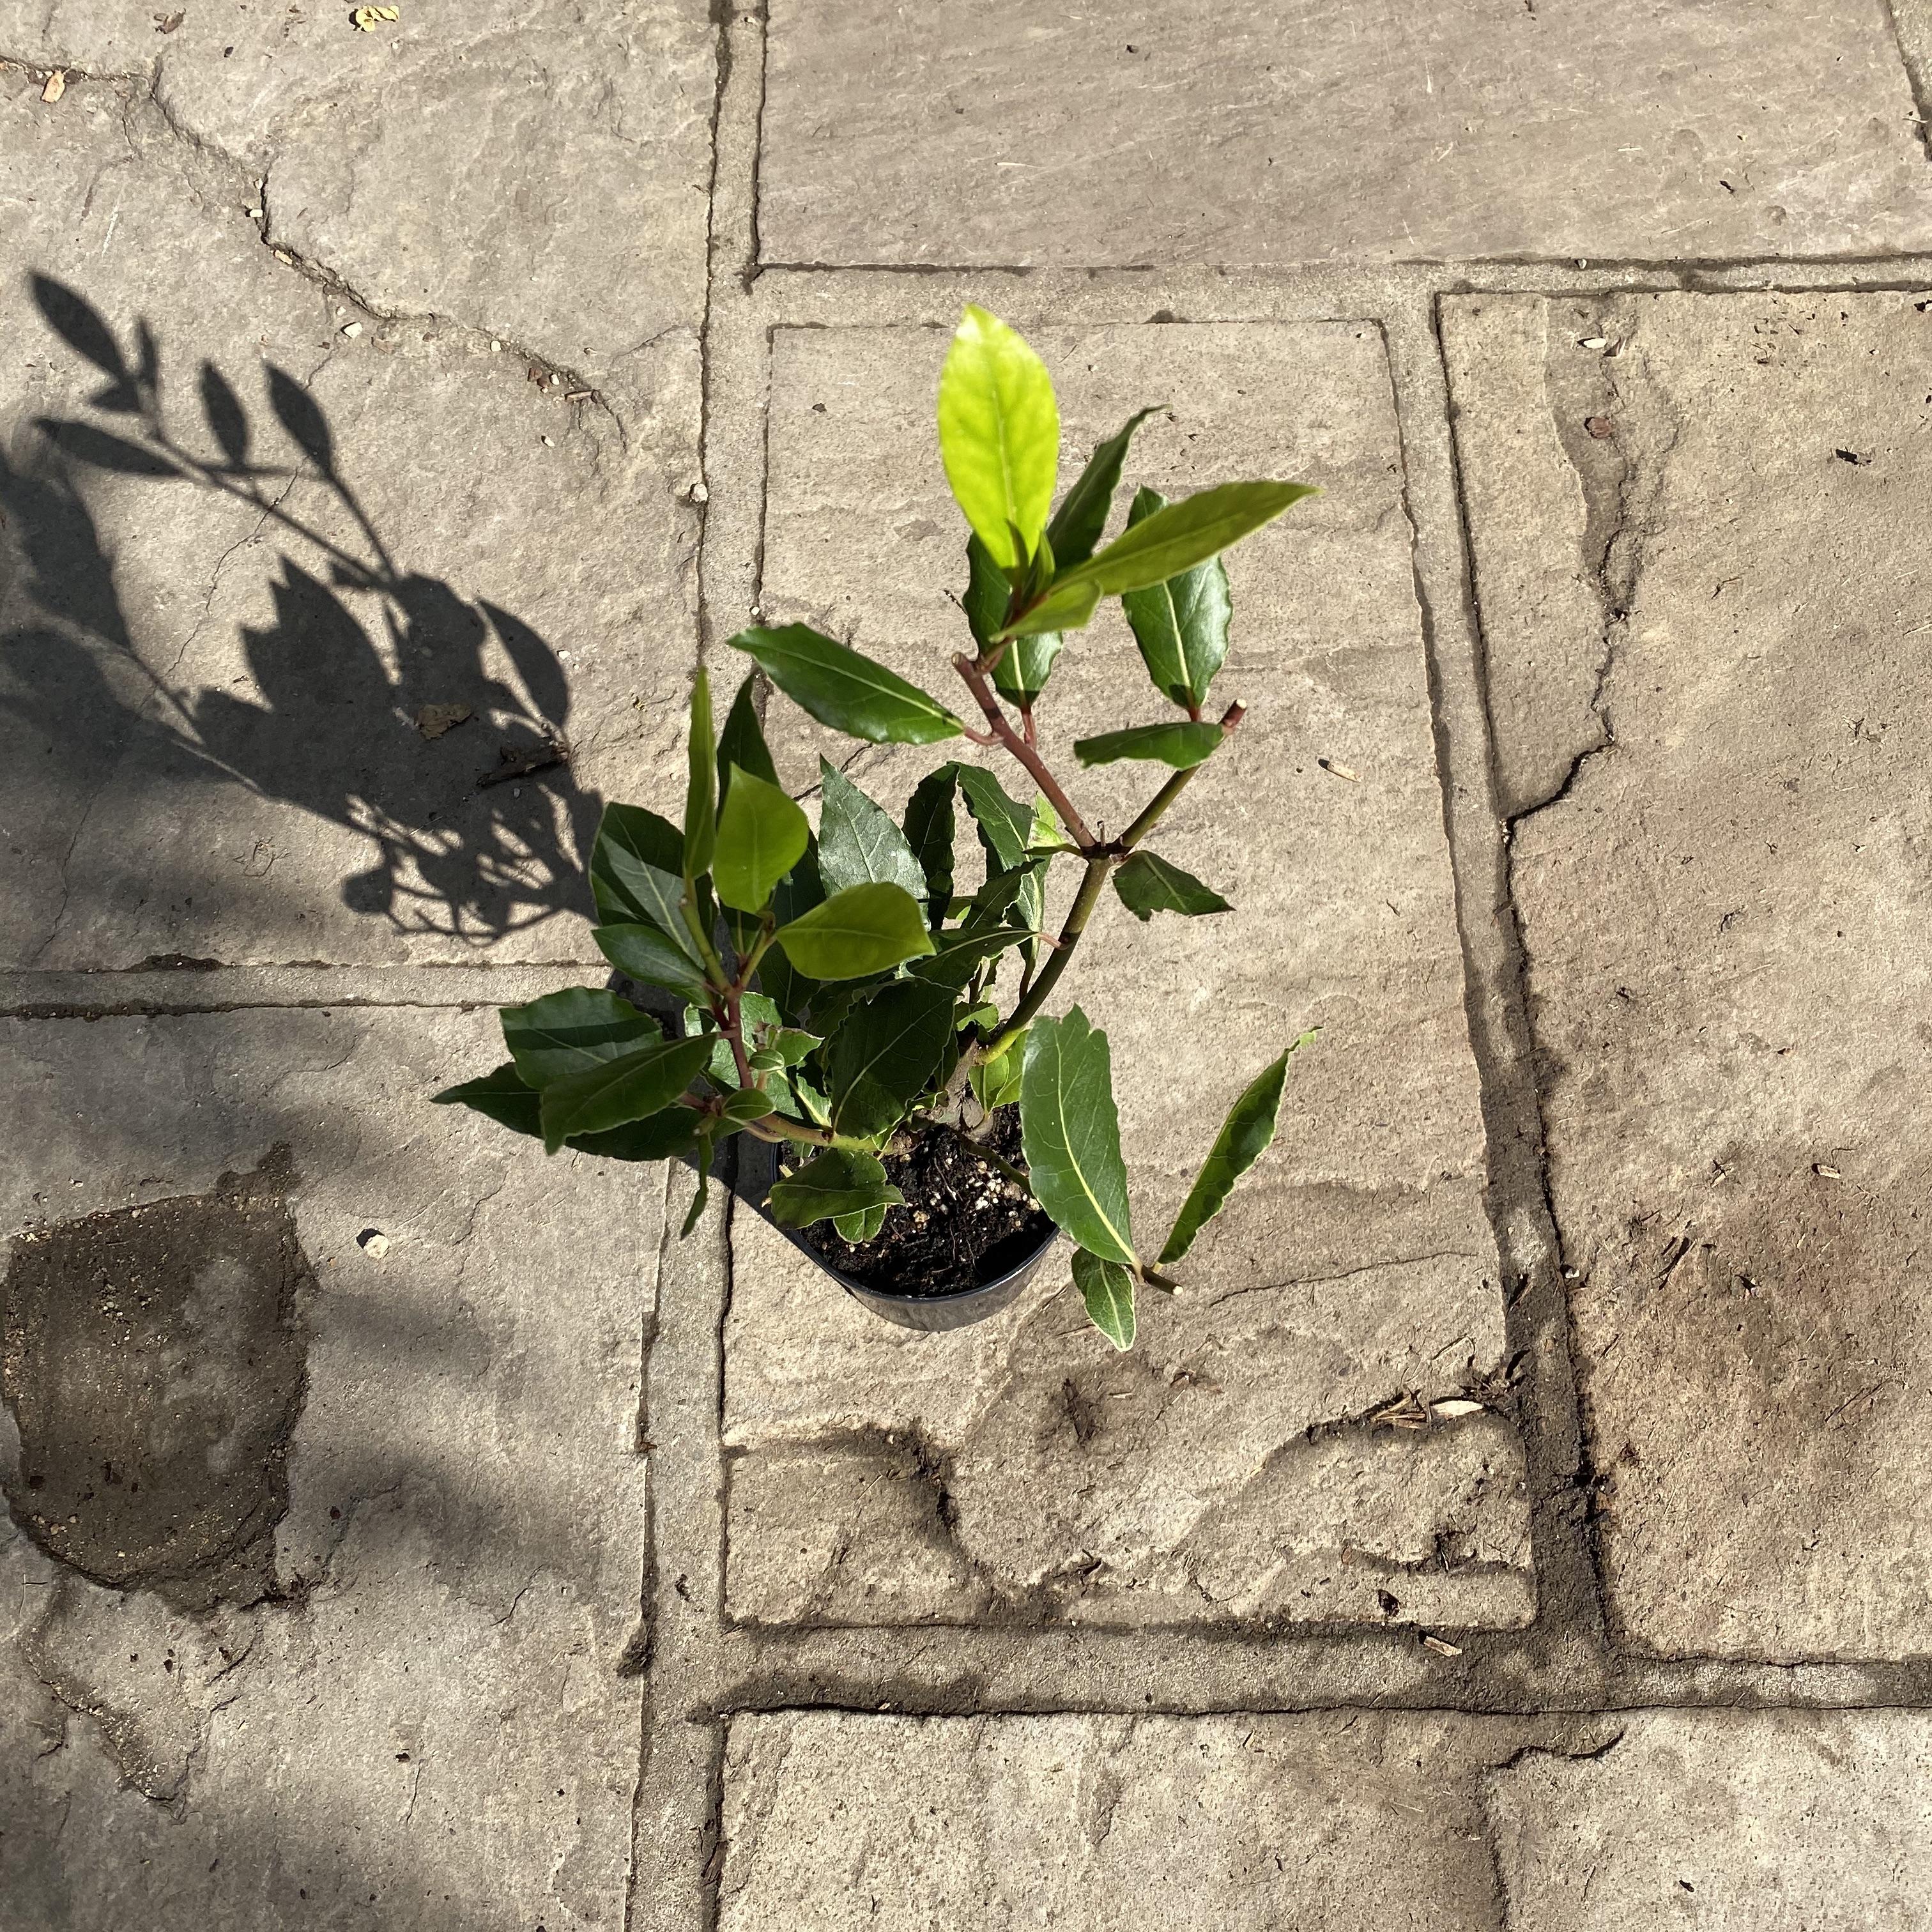 Bay Tree bush - Laurus nobilis